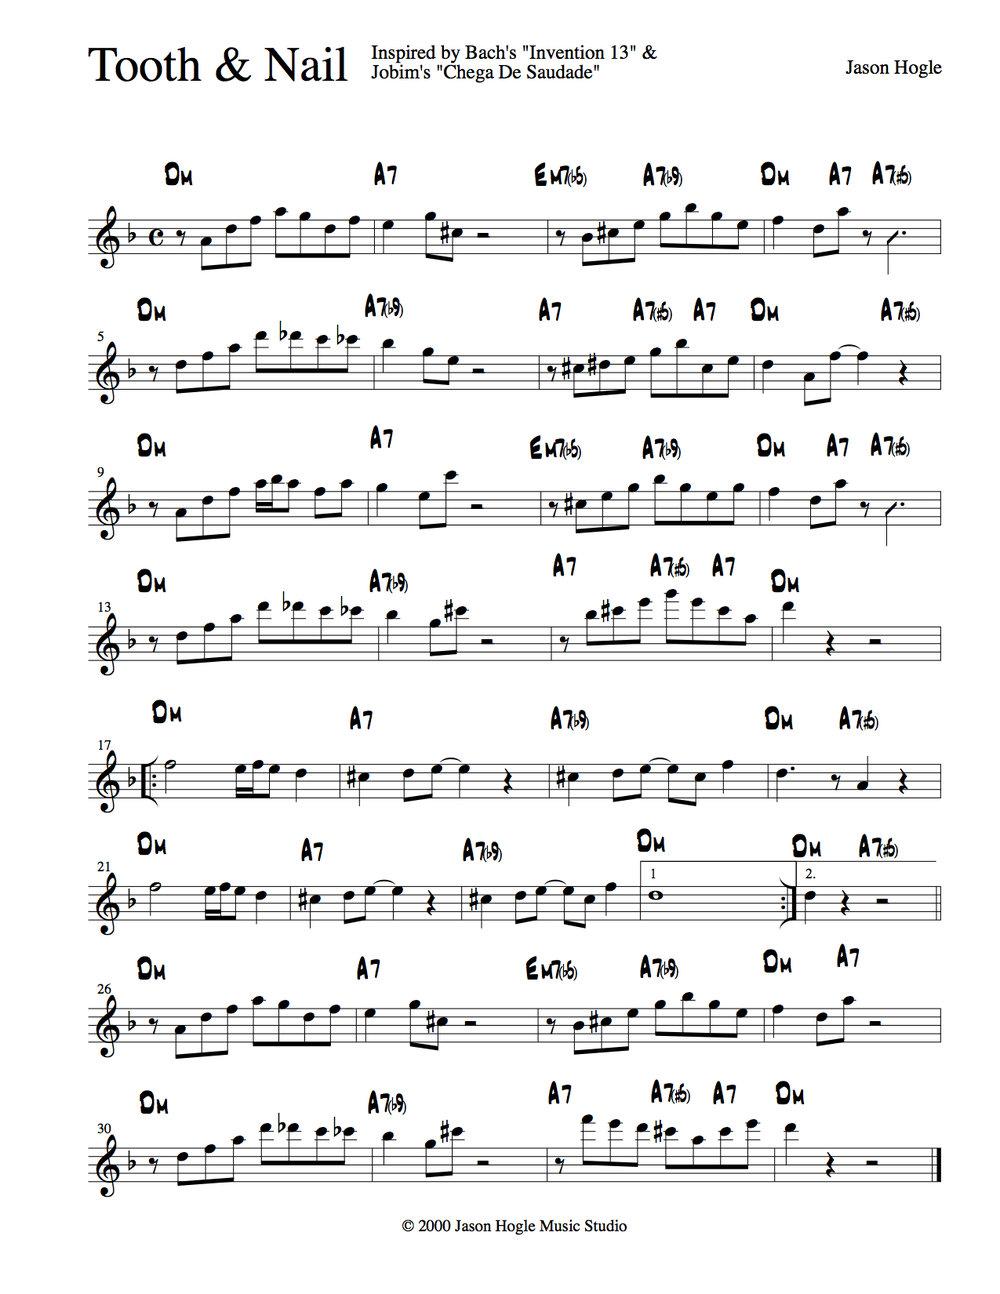 jason hogle music 11.jpg